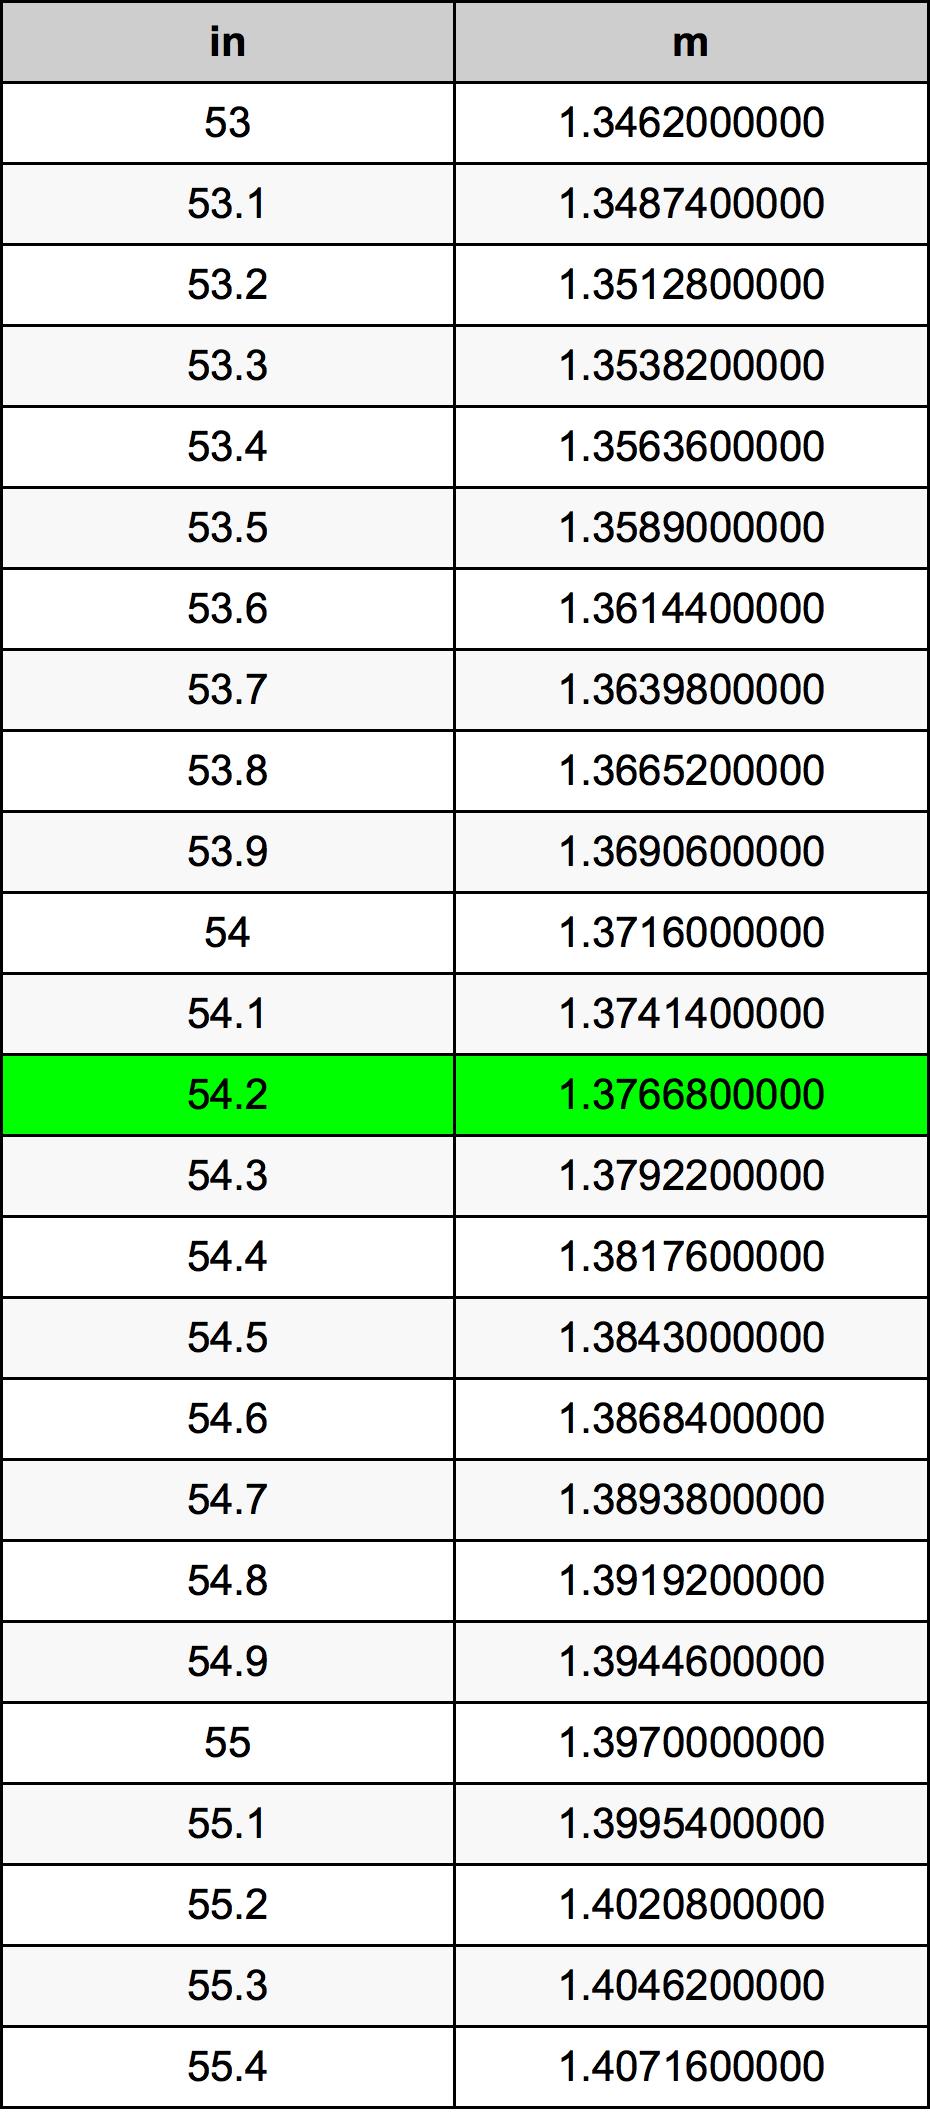 54.2 Inç Table